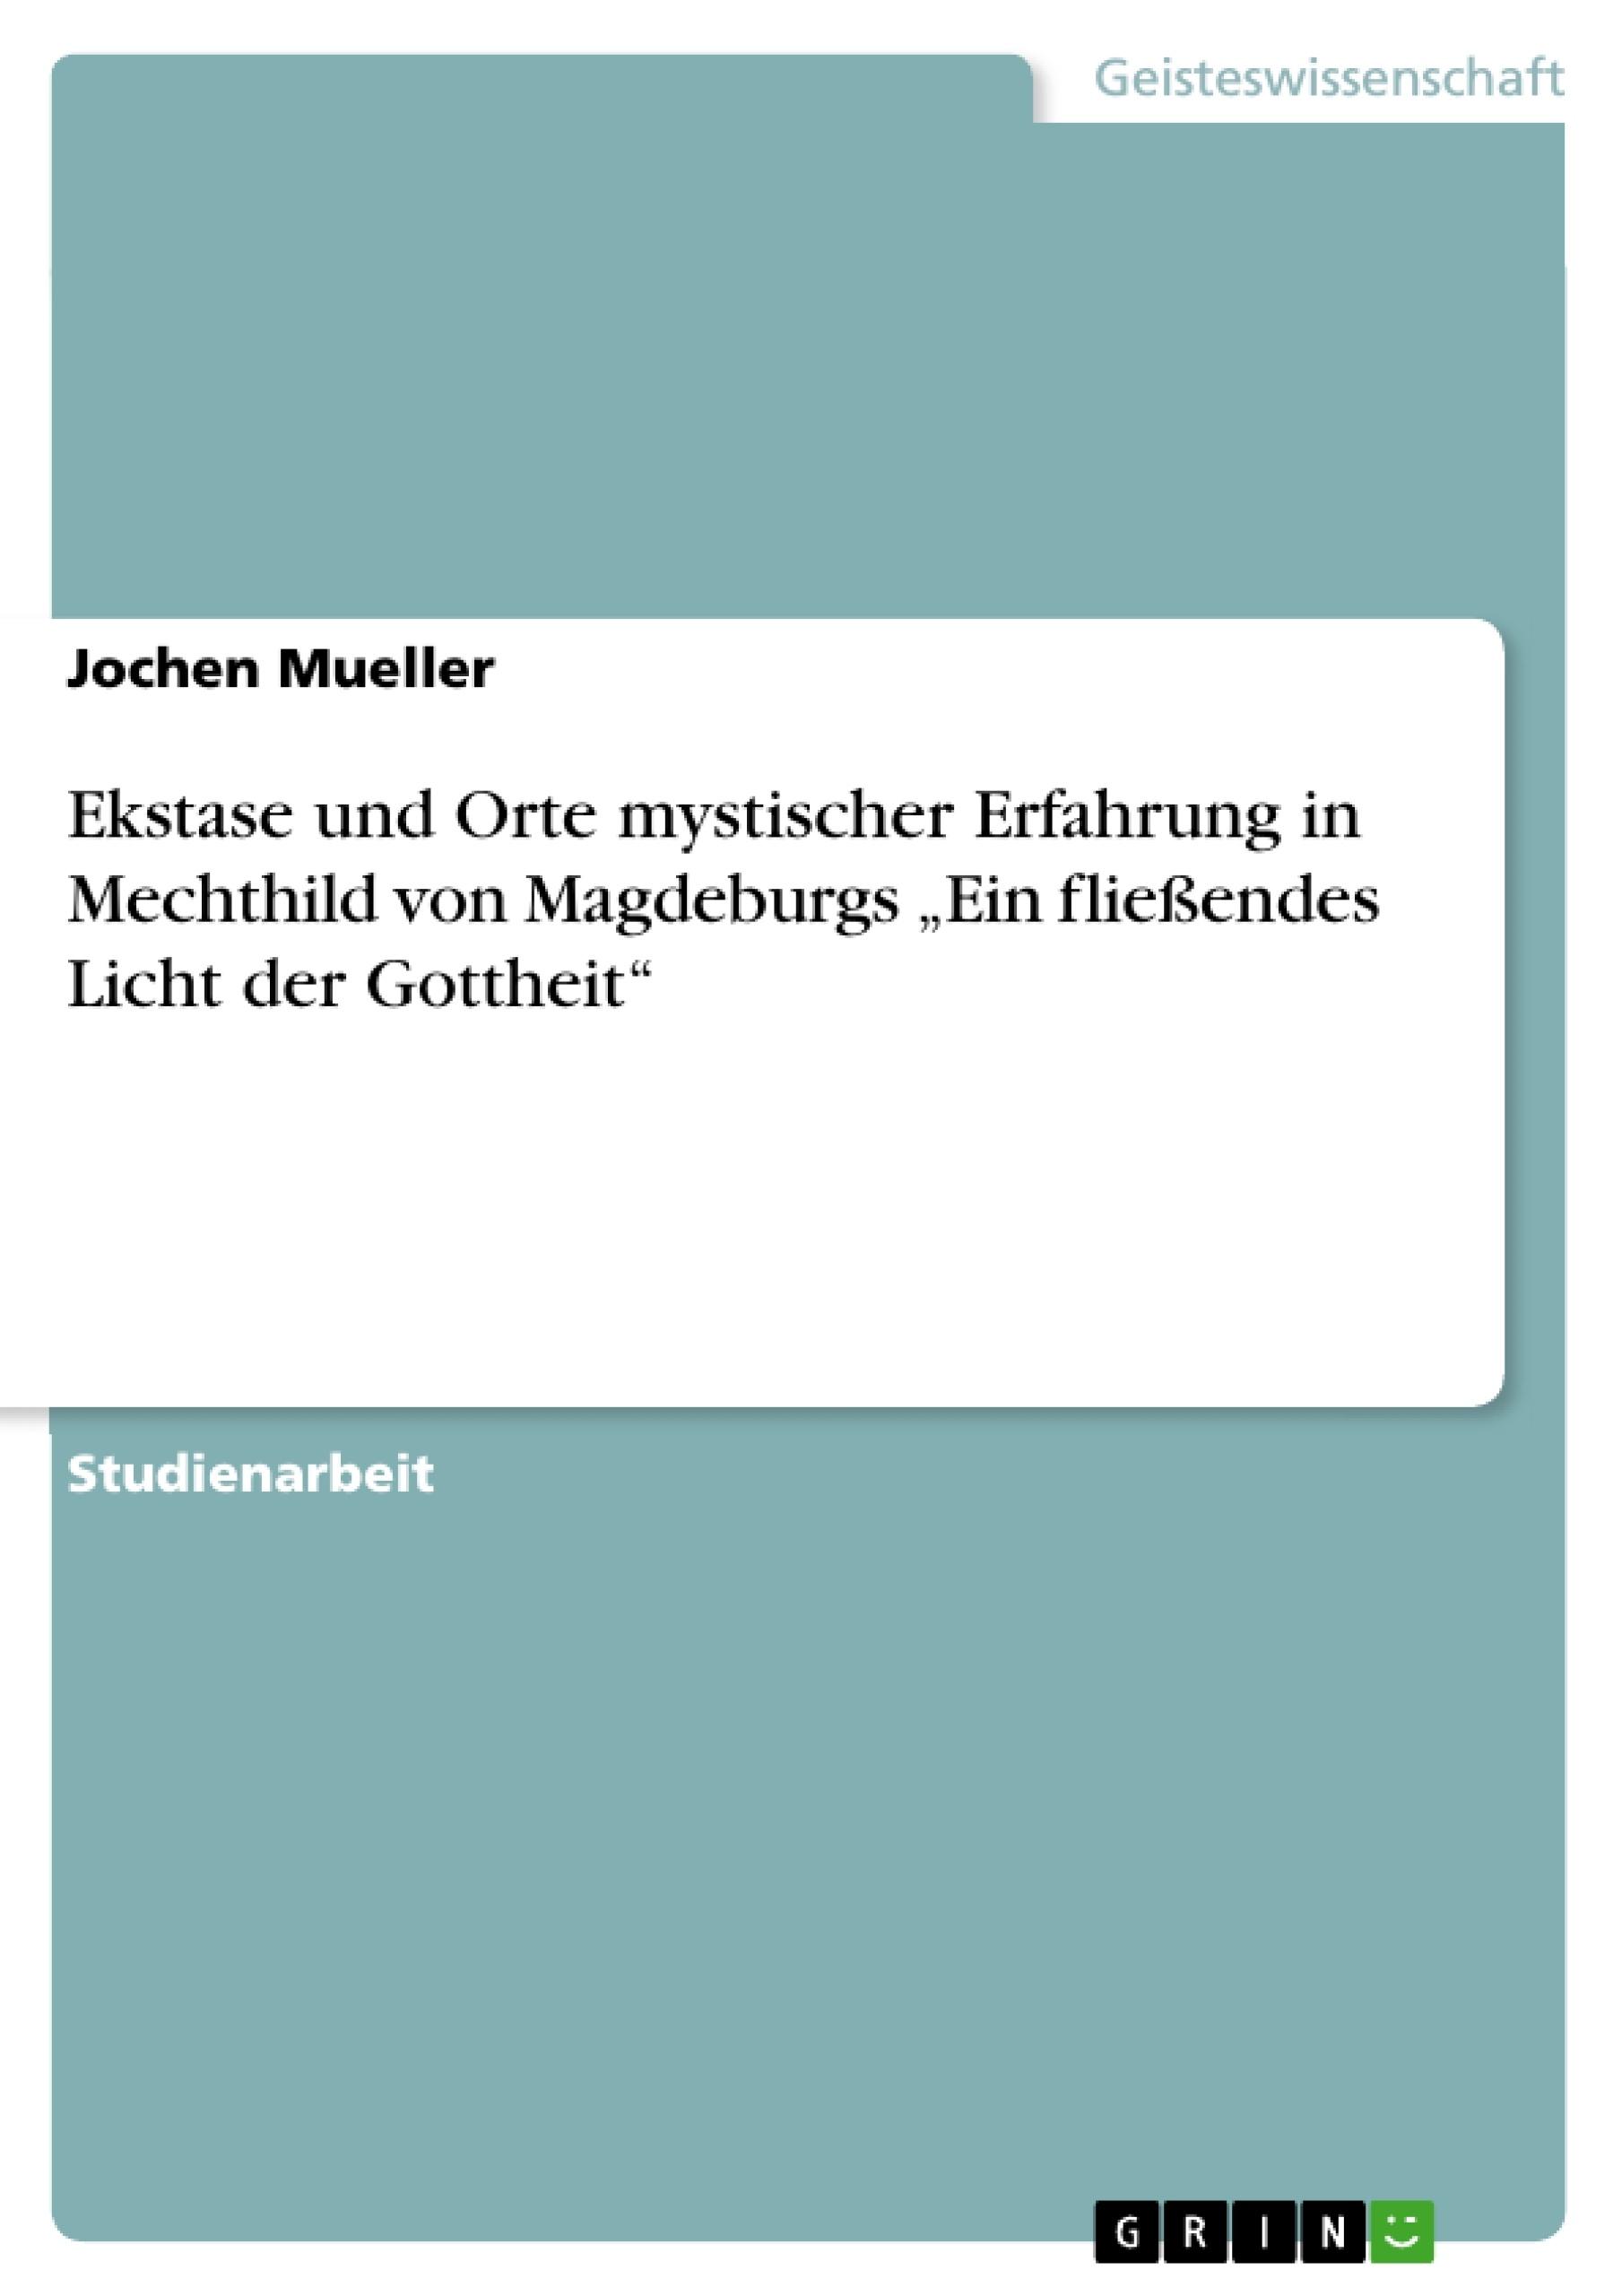 """Titel: Ekstase und Orte mystischer Erfahrung in Mechthild von Magdeburgs """"Ein fließendes Licht der Gottheit"""""""